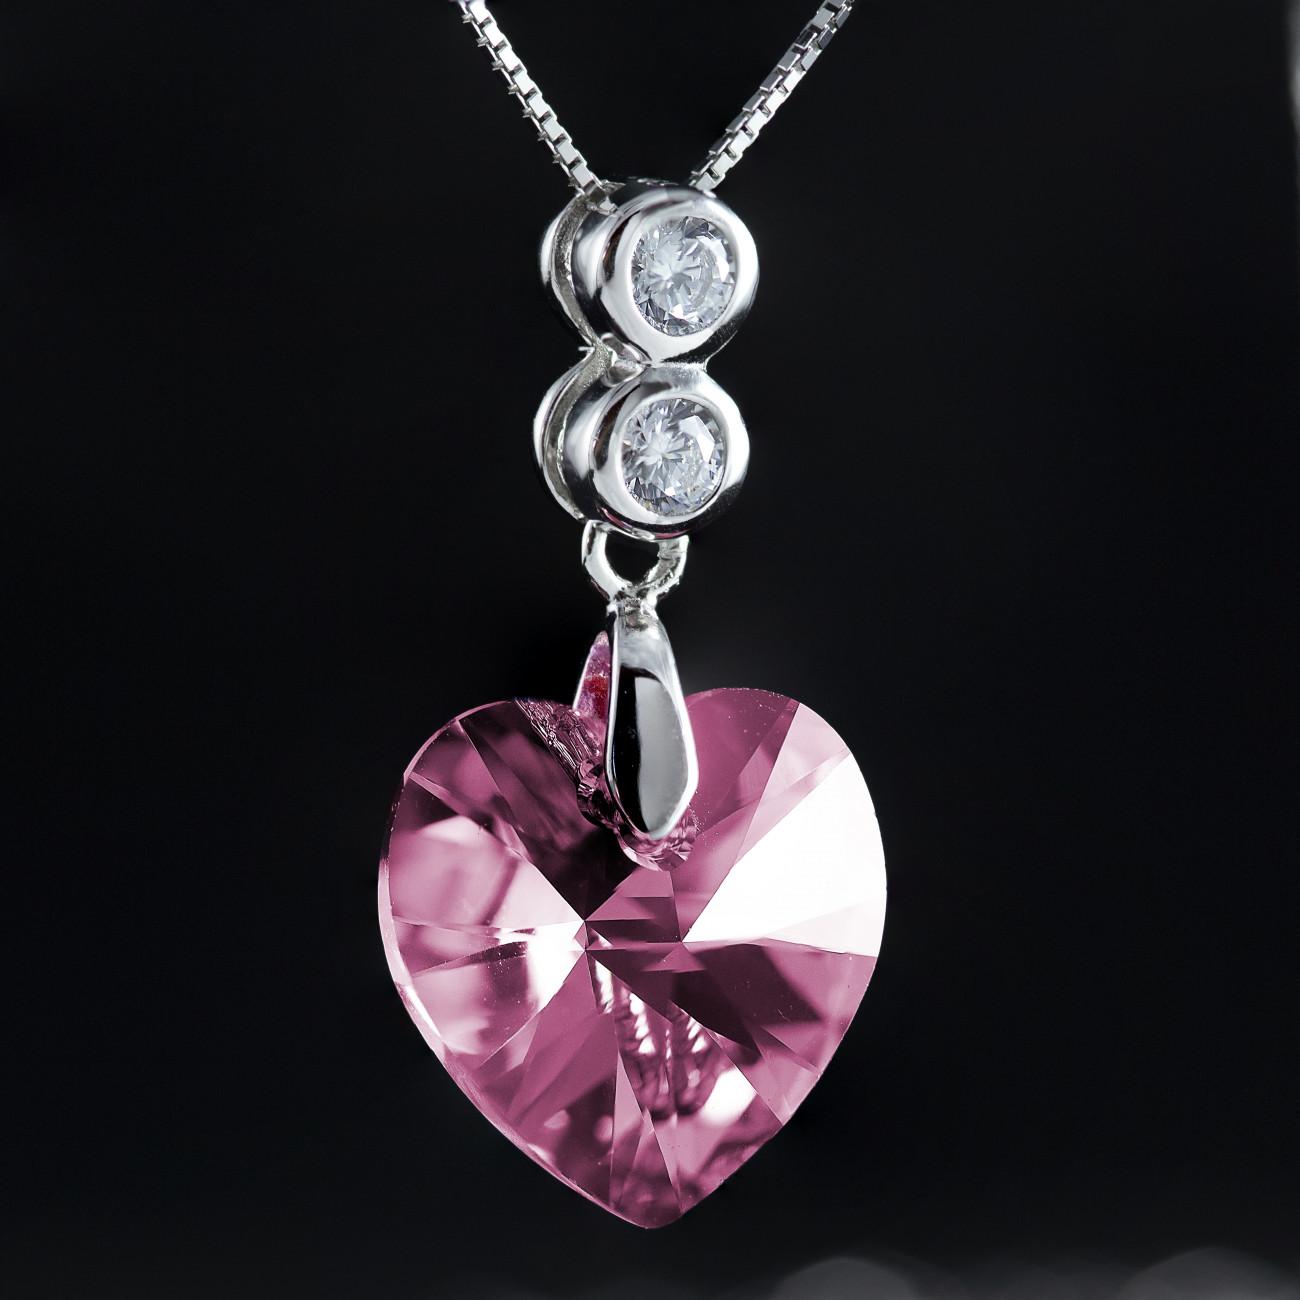 Stříbrný náhrdelník srdce s pravým krystalem Swarovski light rose heart and crystal